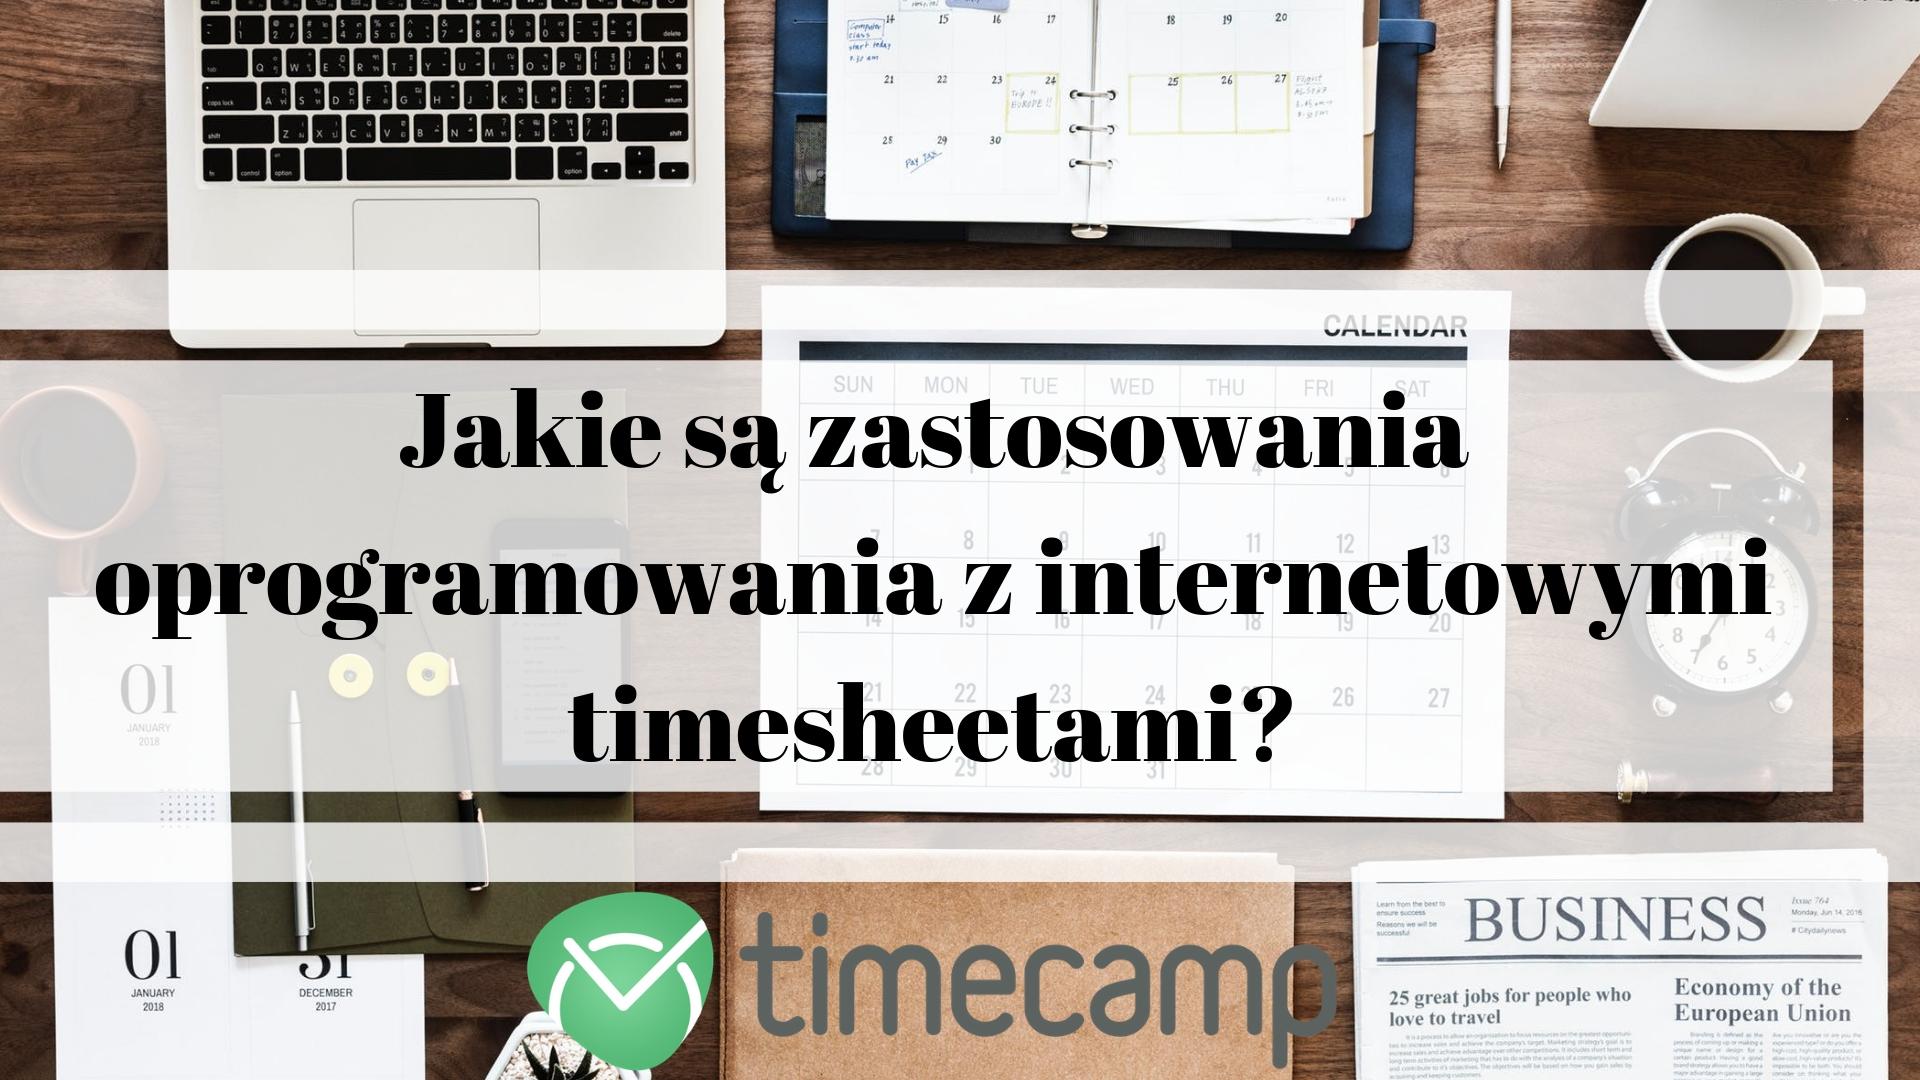 Jakie są zastosowania oprogramowania z internetowymi timesheetami?